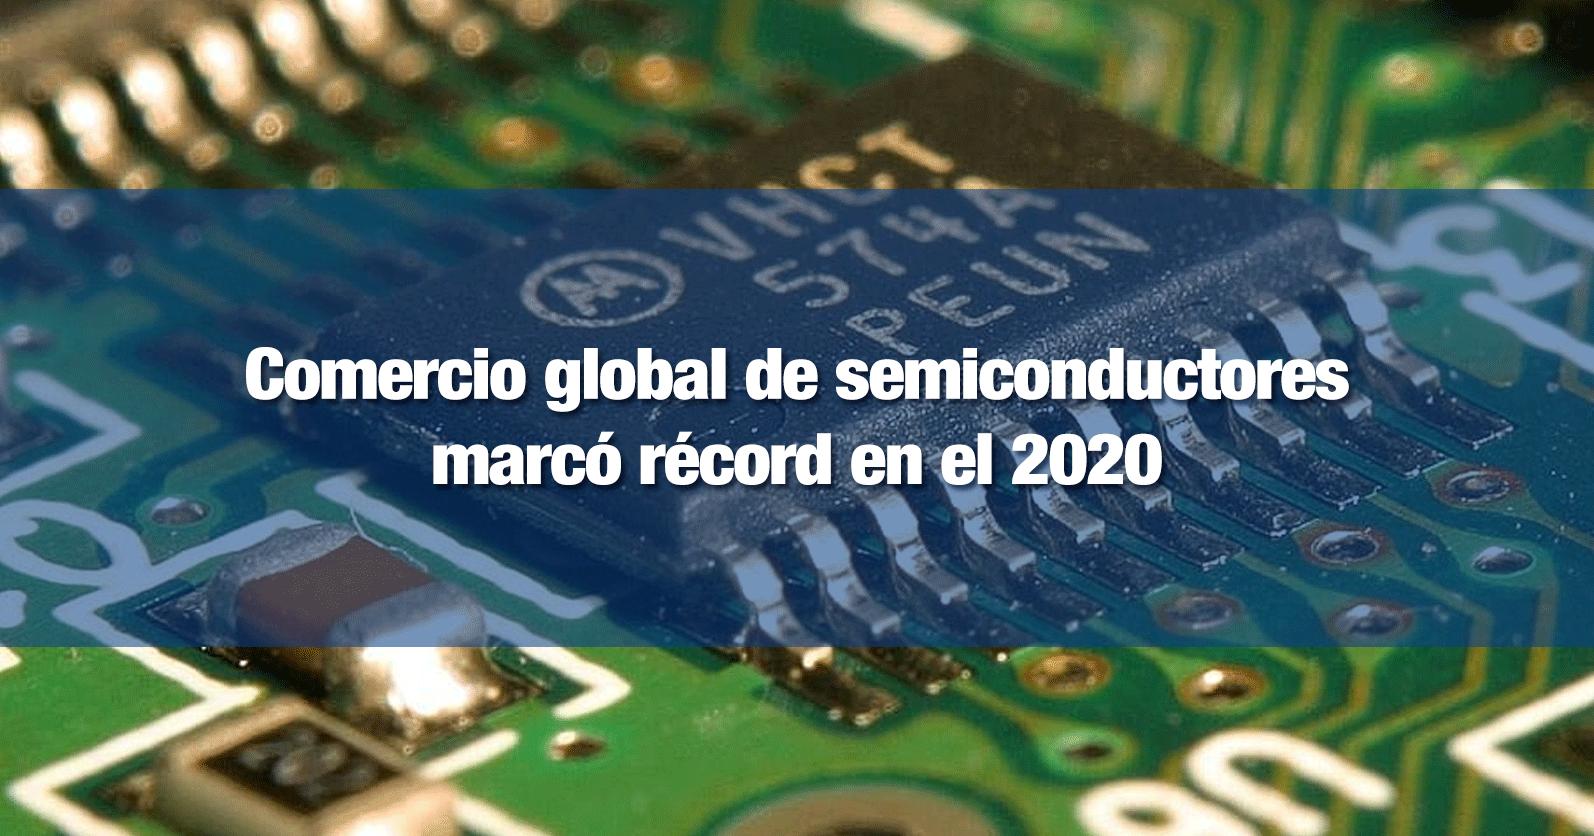 Comercio global de semiconductores marcó récord en el 2020